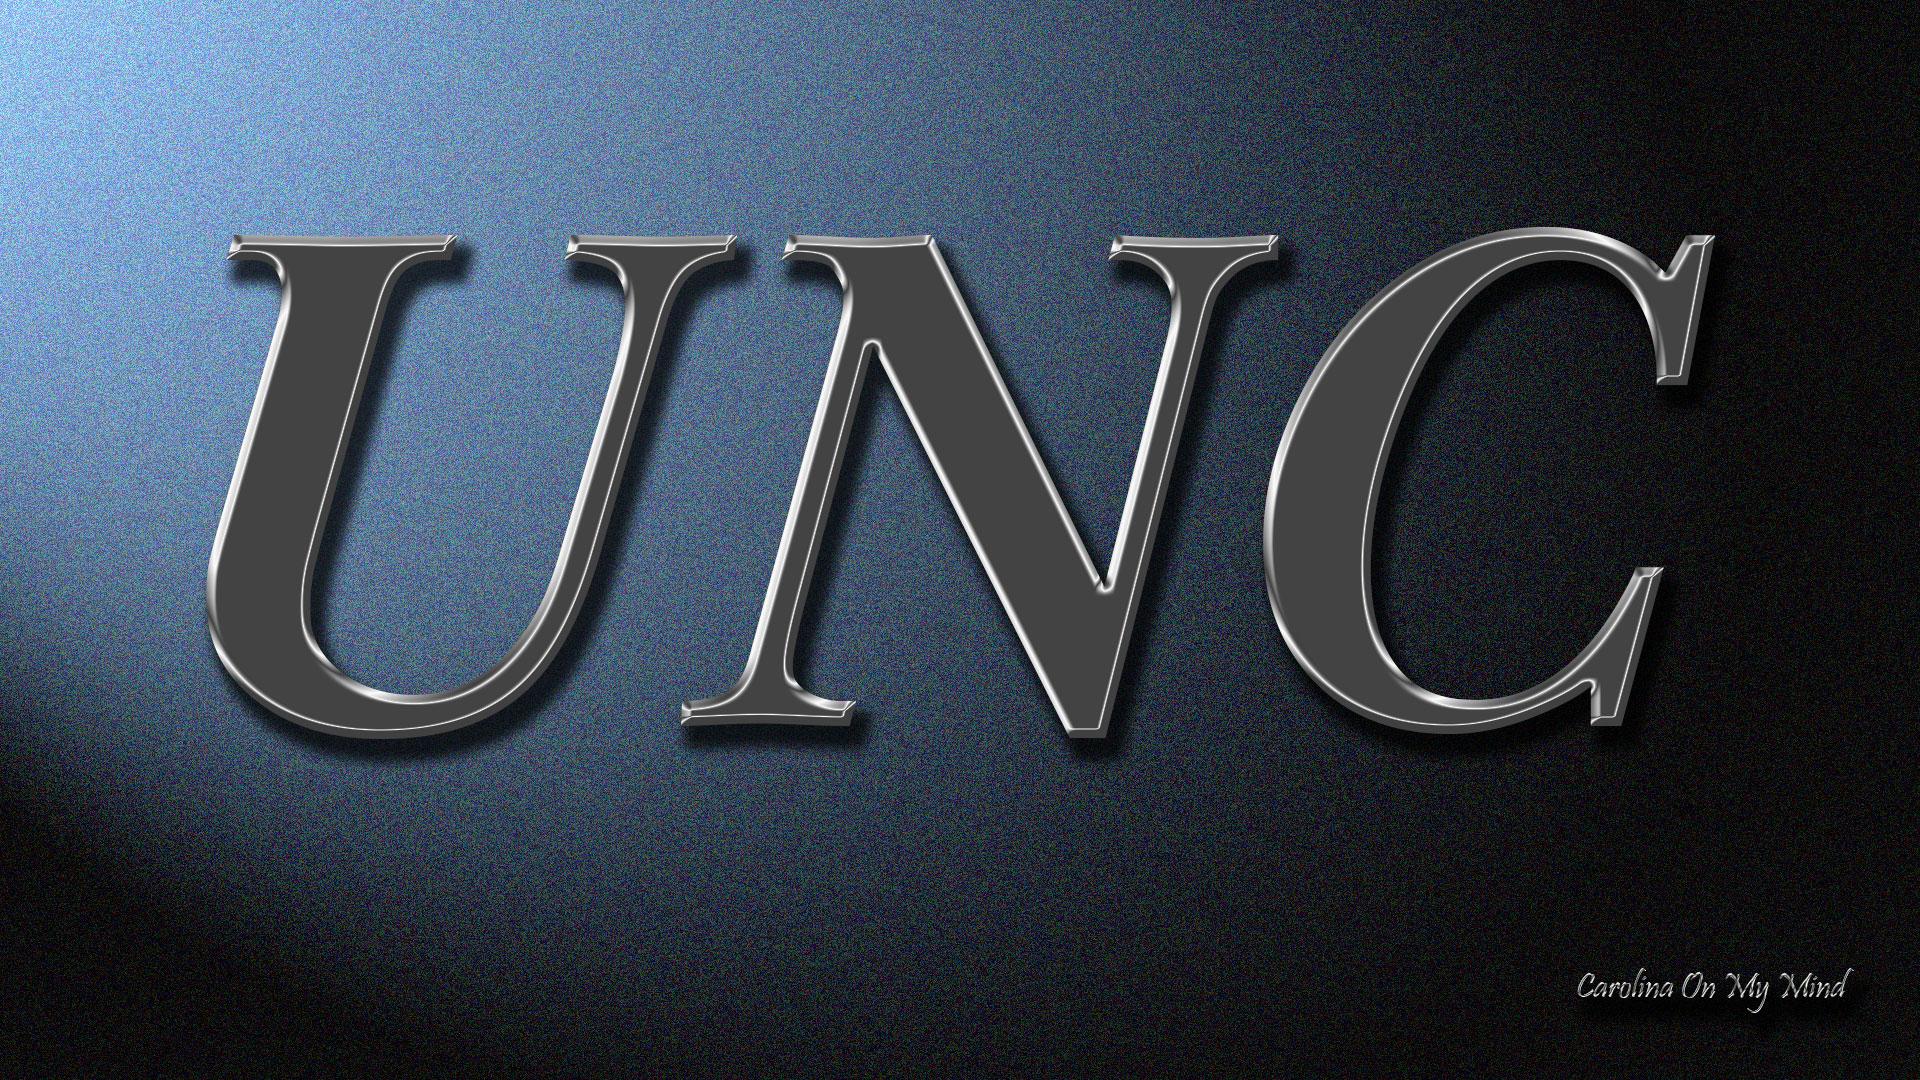 UNC Desktop Wallpaper Metal Letters on Lit Wall 1920x1080